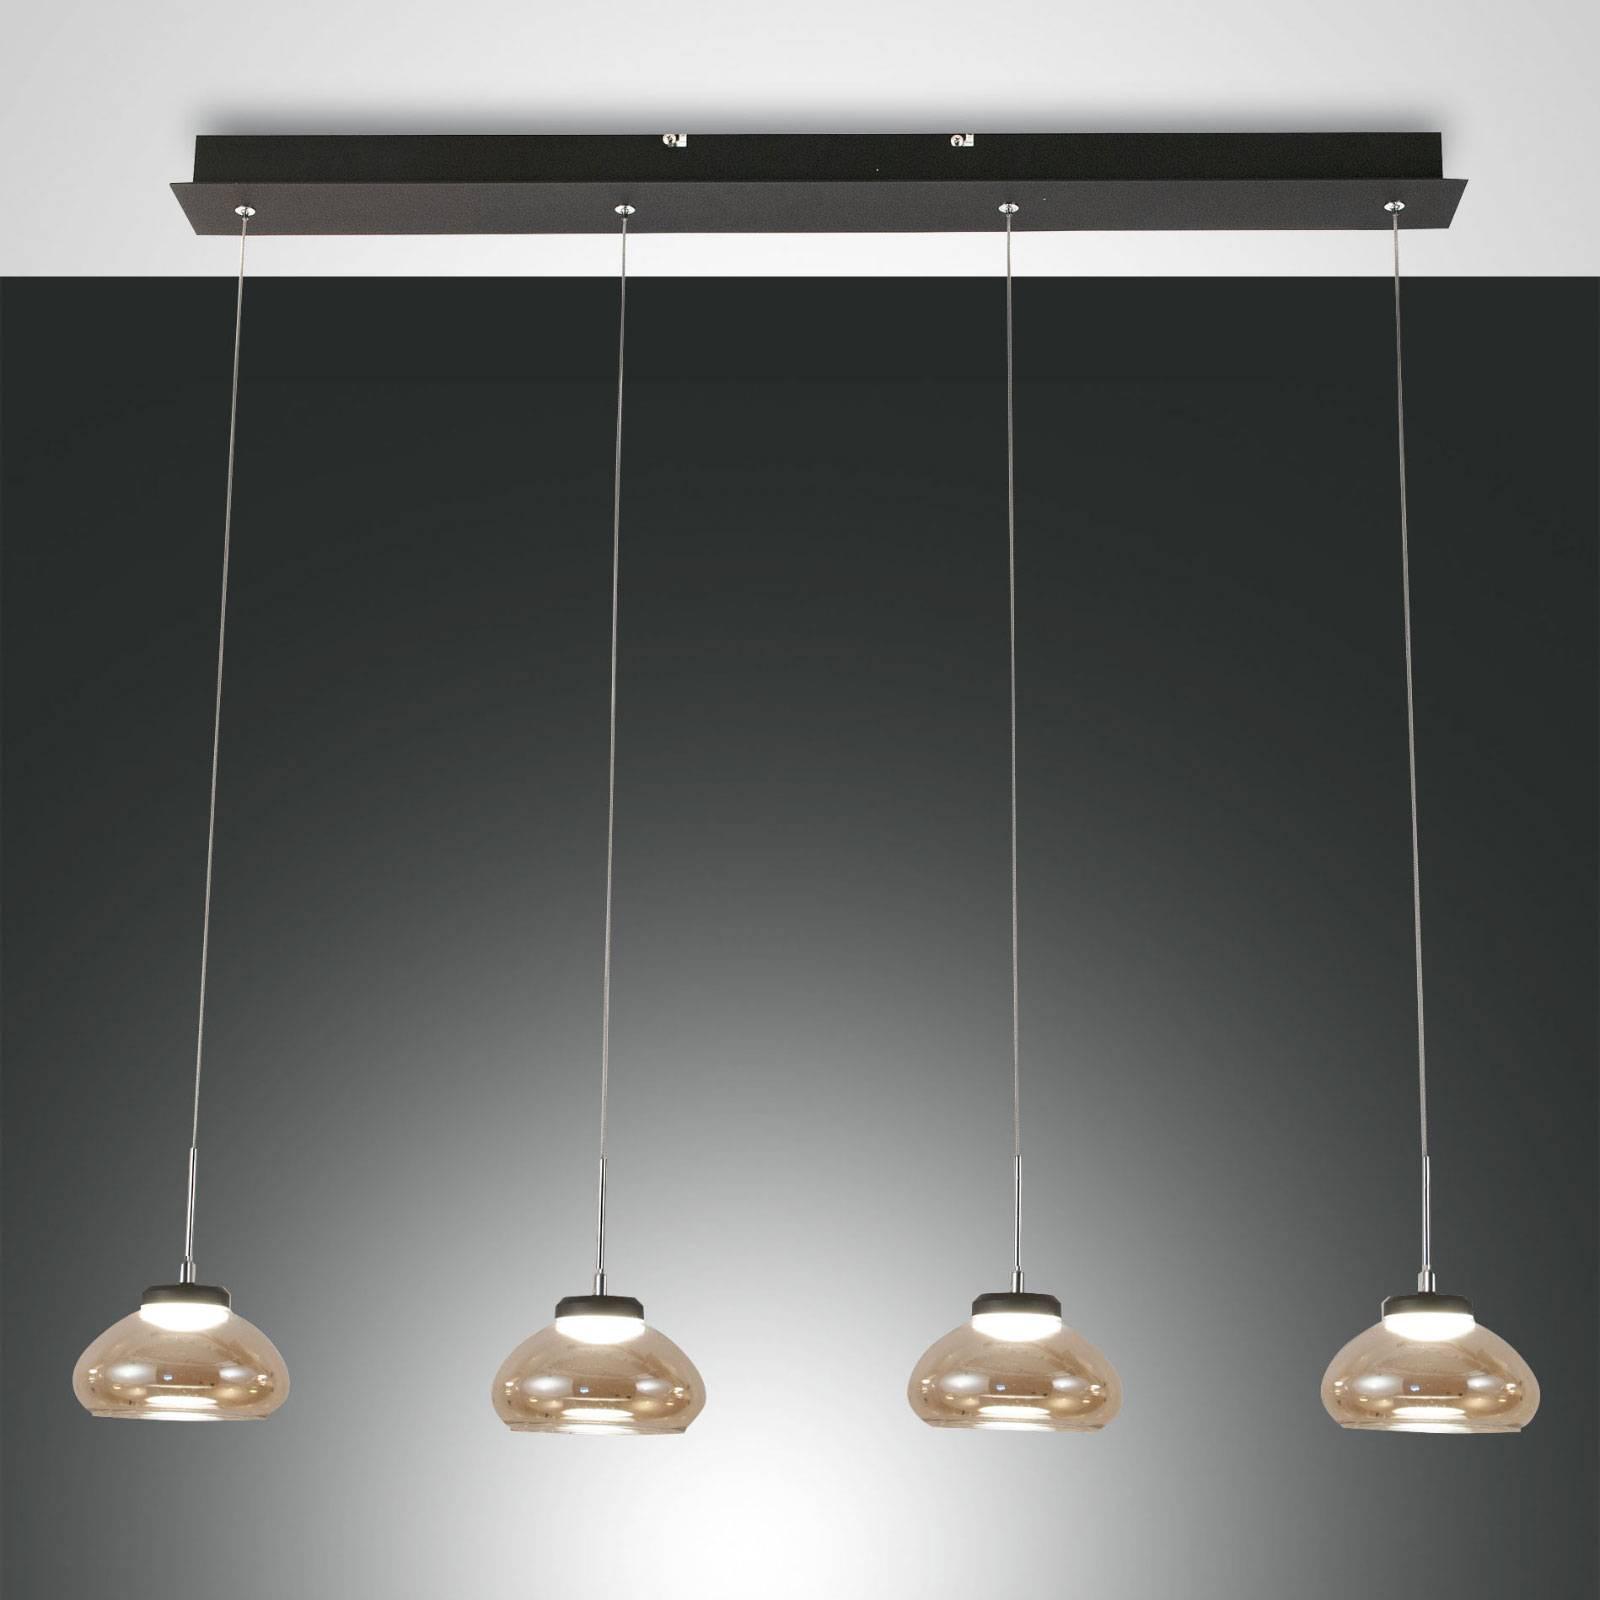 Hanglamp Arabella 4-lamps in rij, amber